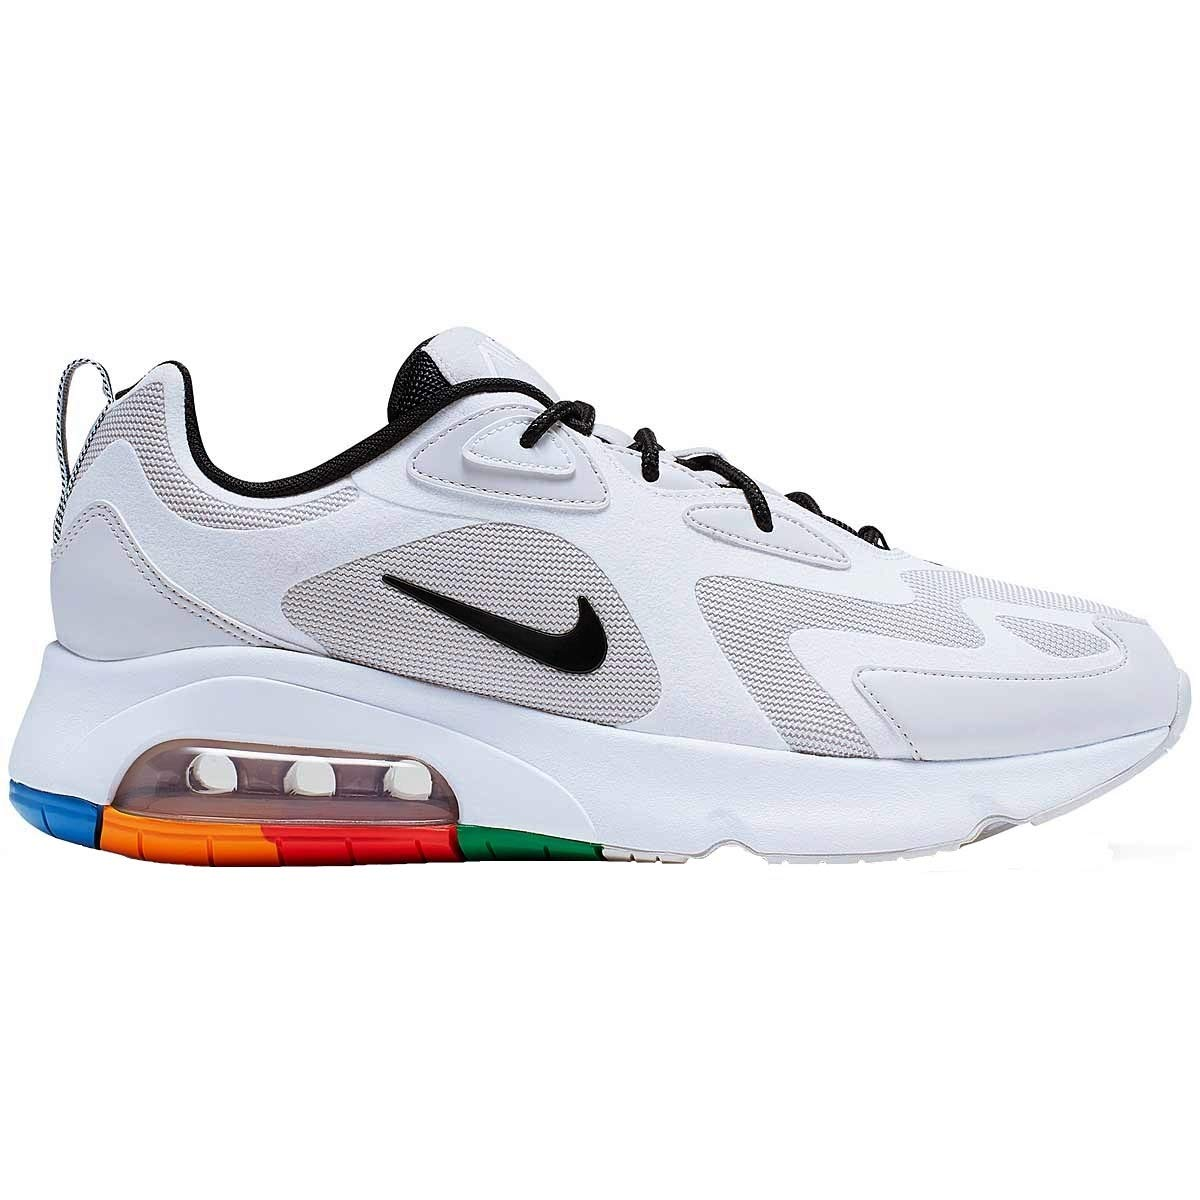 MultiCouleure (Vast gris noir-blanc-pacific bleu 002) 40.5 EU Nike Air Max 200, Chaussures de Trail Homme